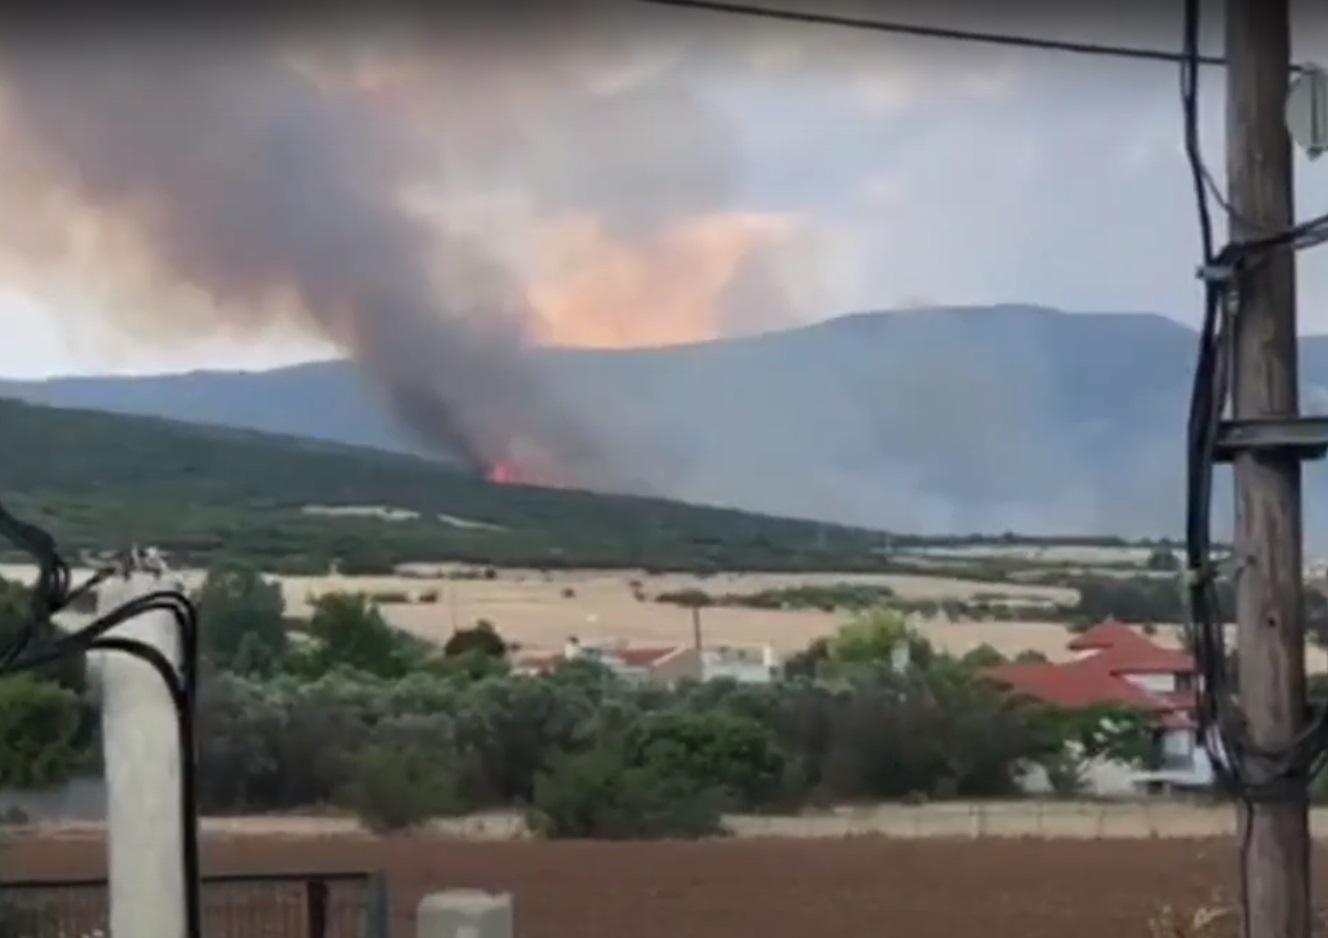 Θεσσαλονίκη: Μεγάλη φωτιά στη Θέρμη